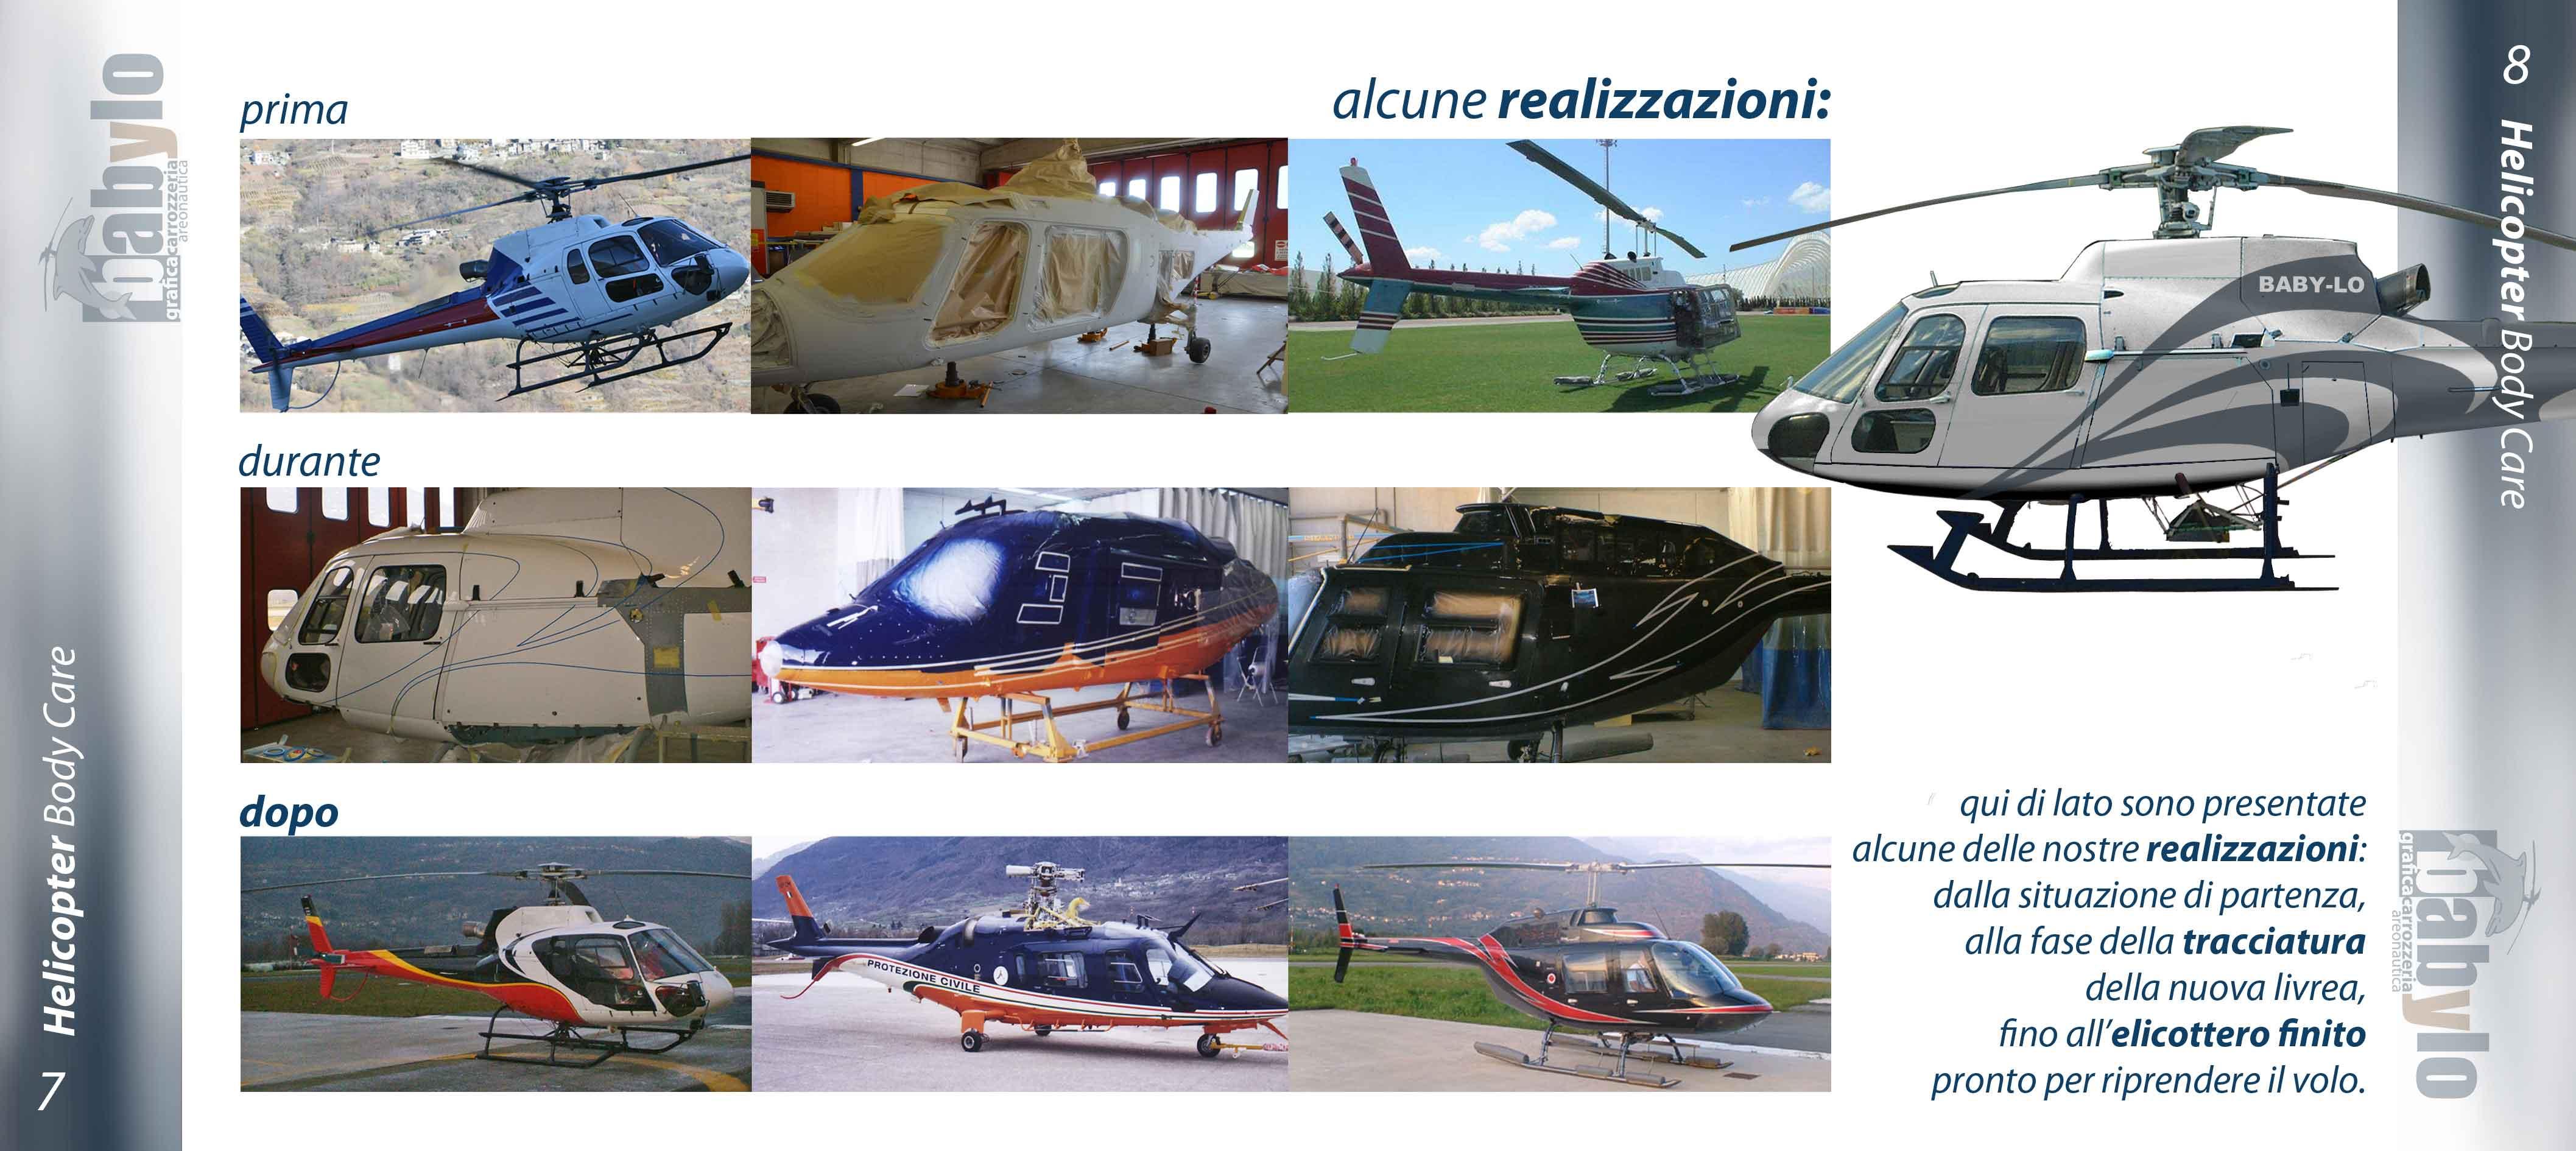 alcune realizzazioni di Helicopters come PRIMA-DURANTE-DOPO